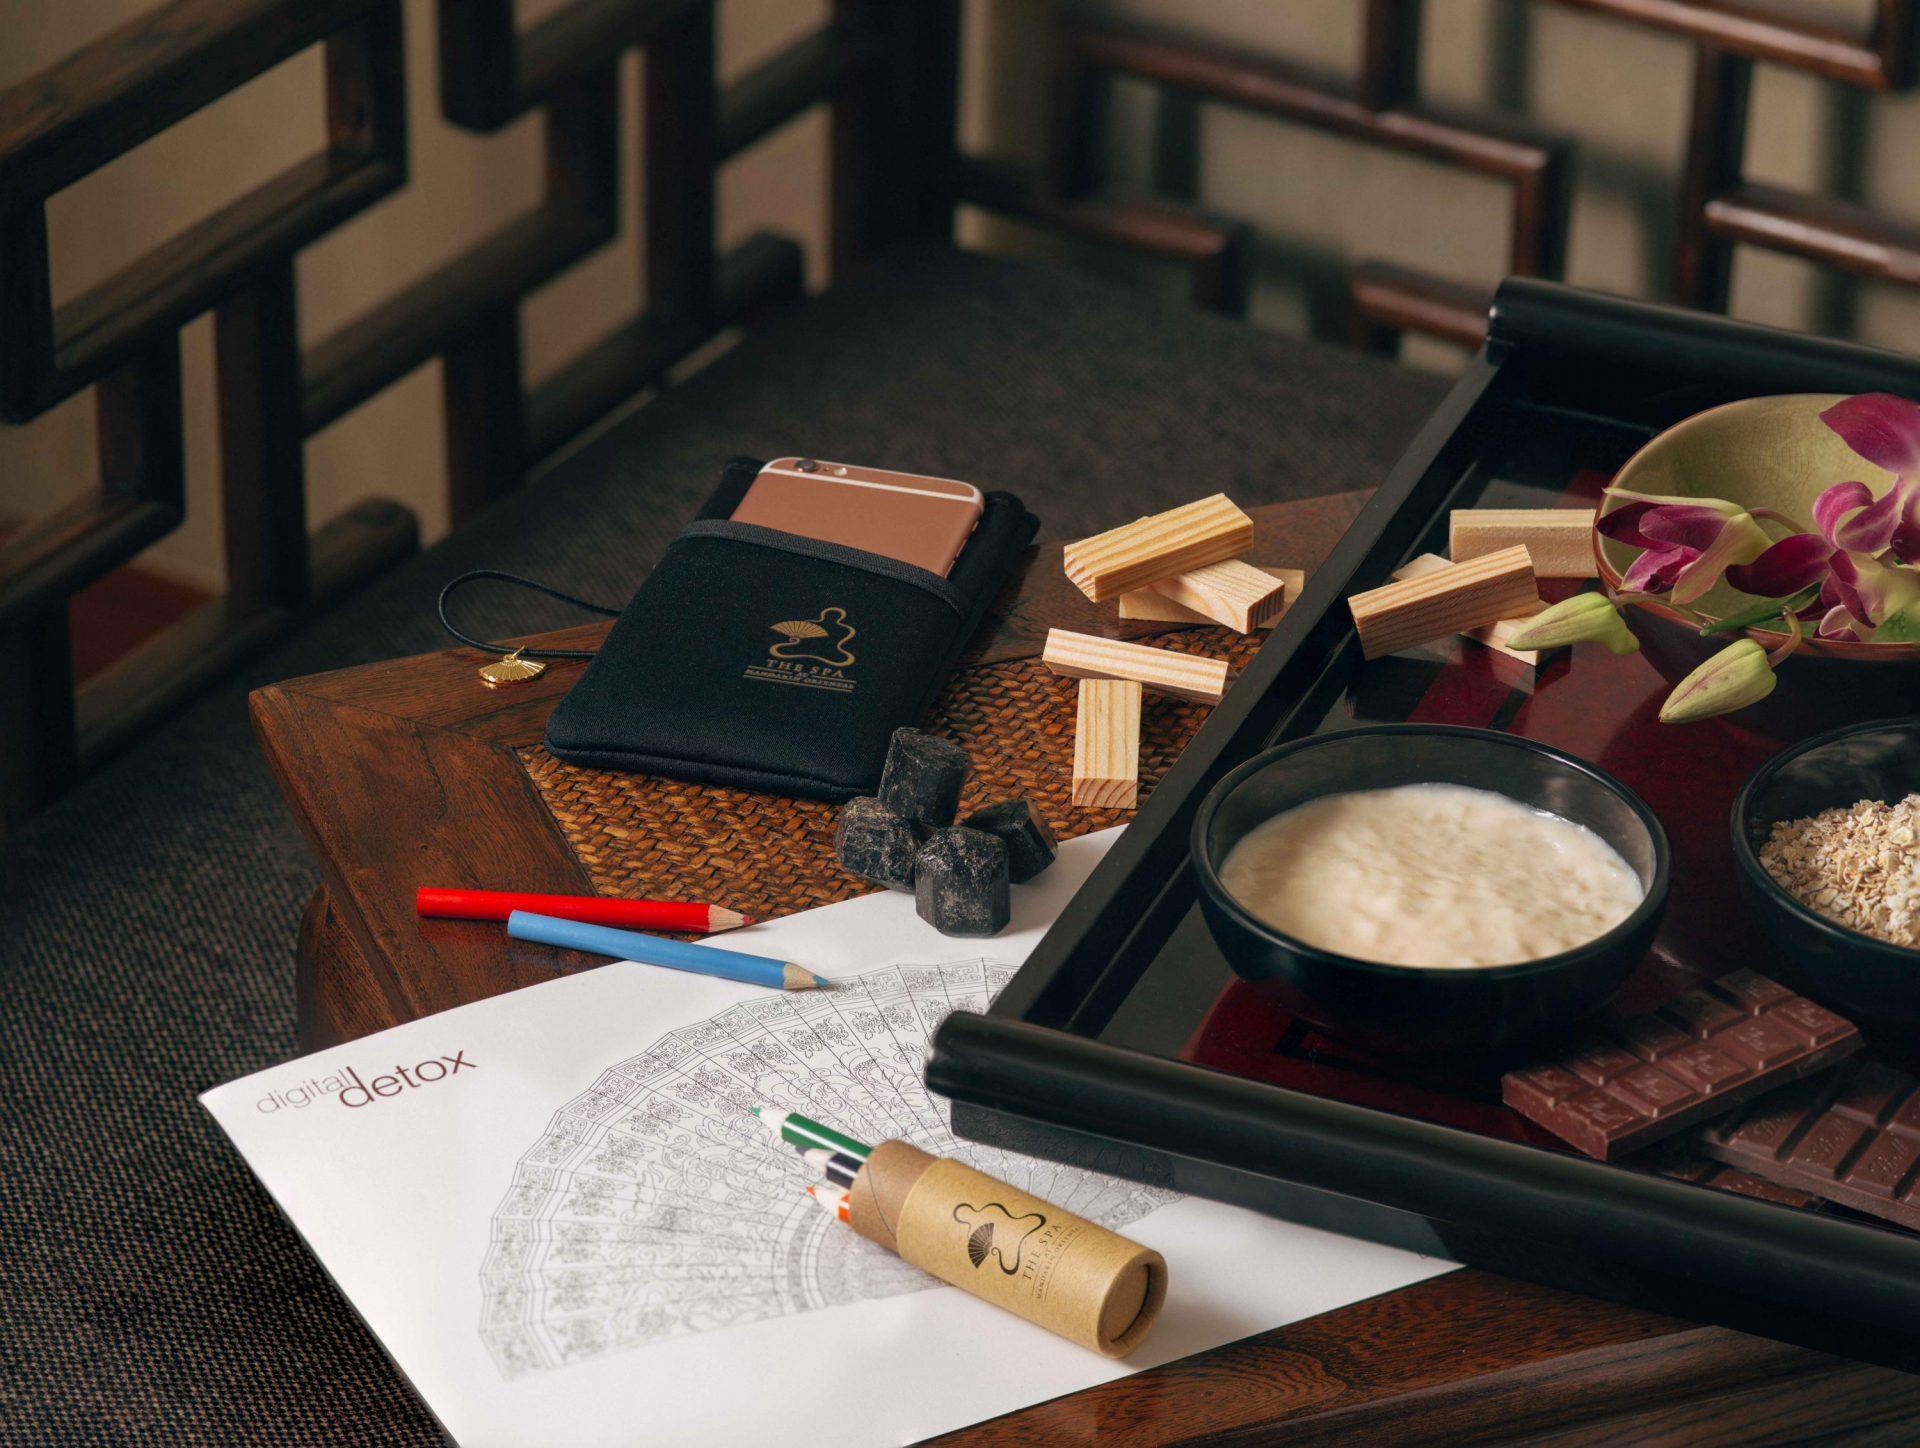 Spa review: The Mandarin Spa's Digital Wellness Escape